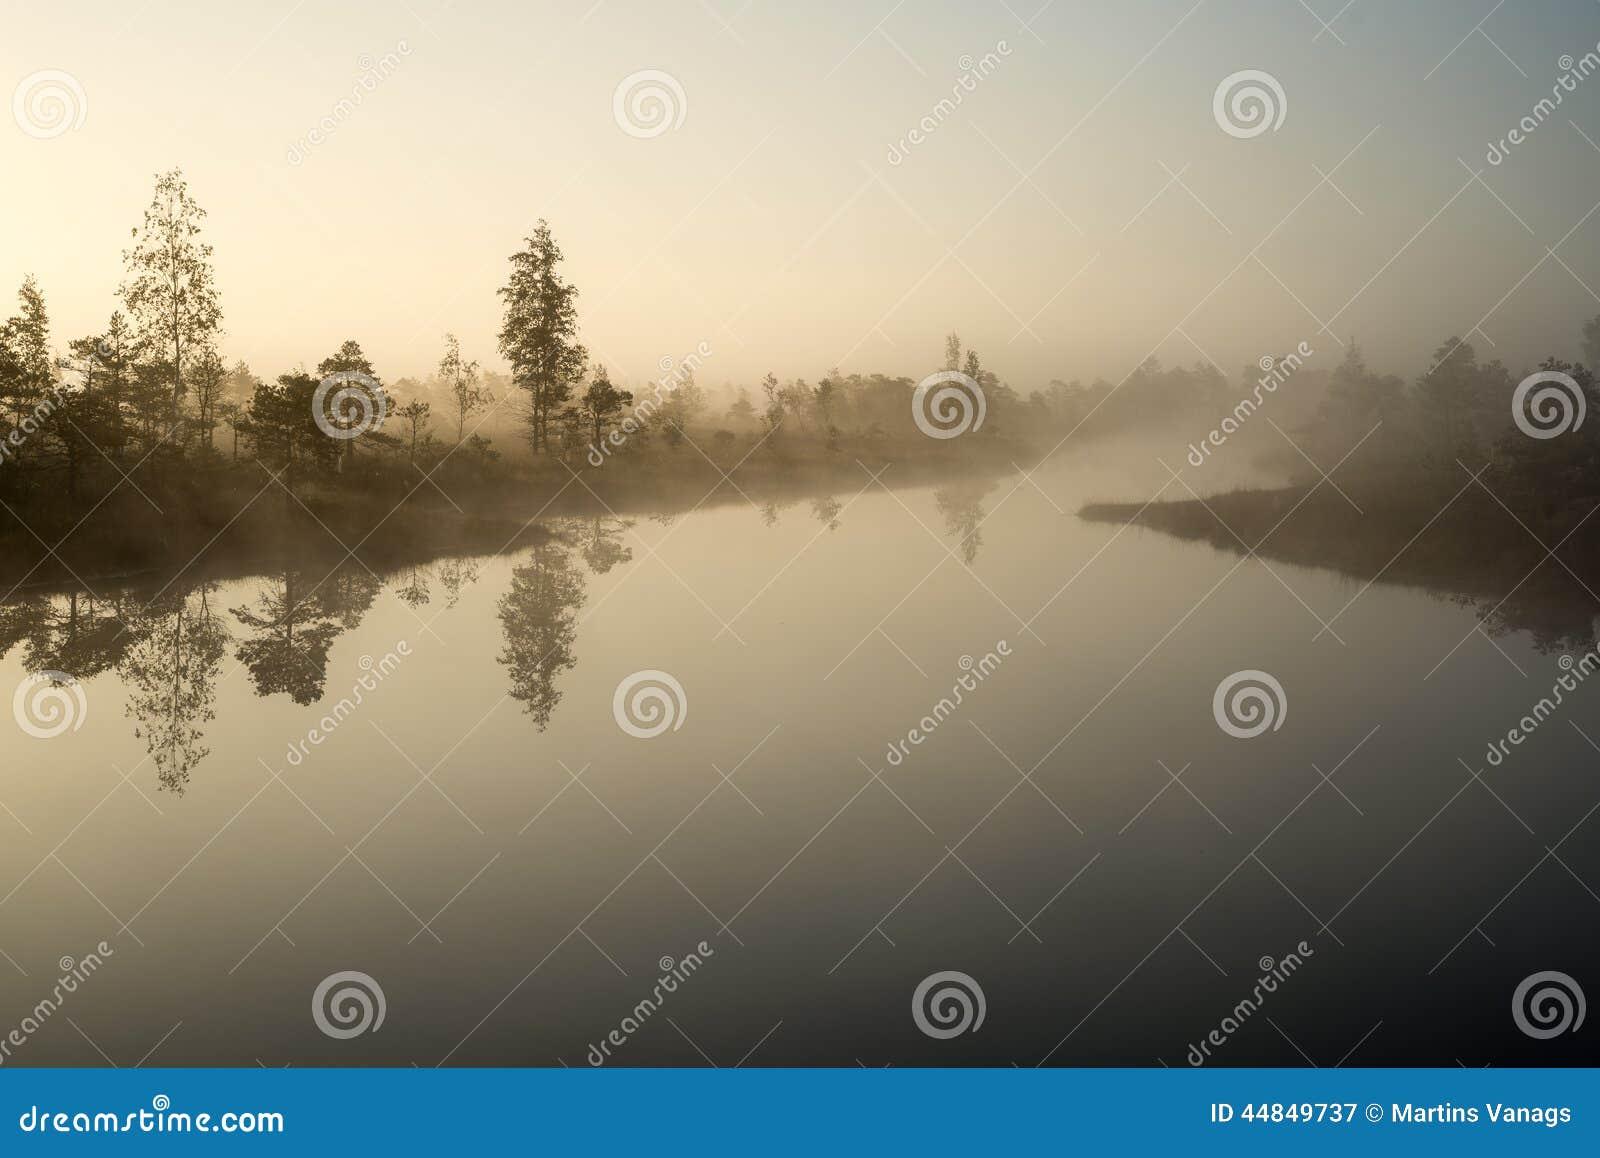 Piękny spokojny krajobraz mglisty bagna jezioro